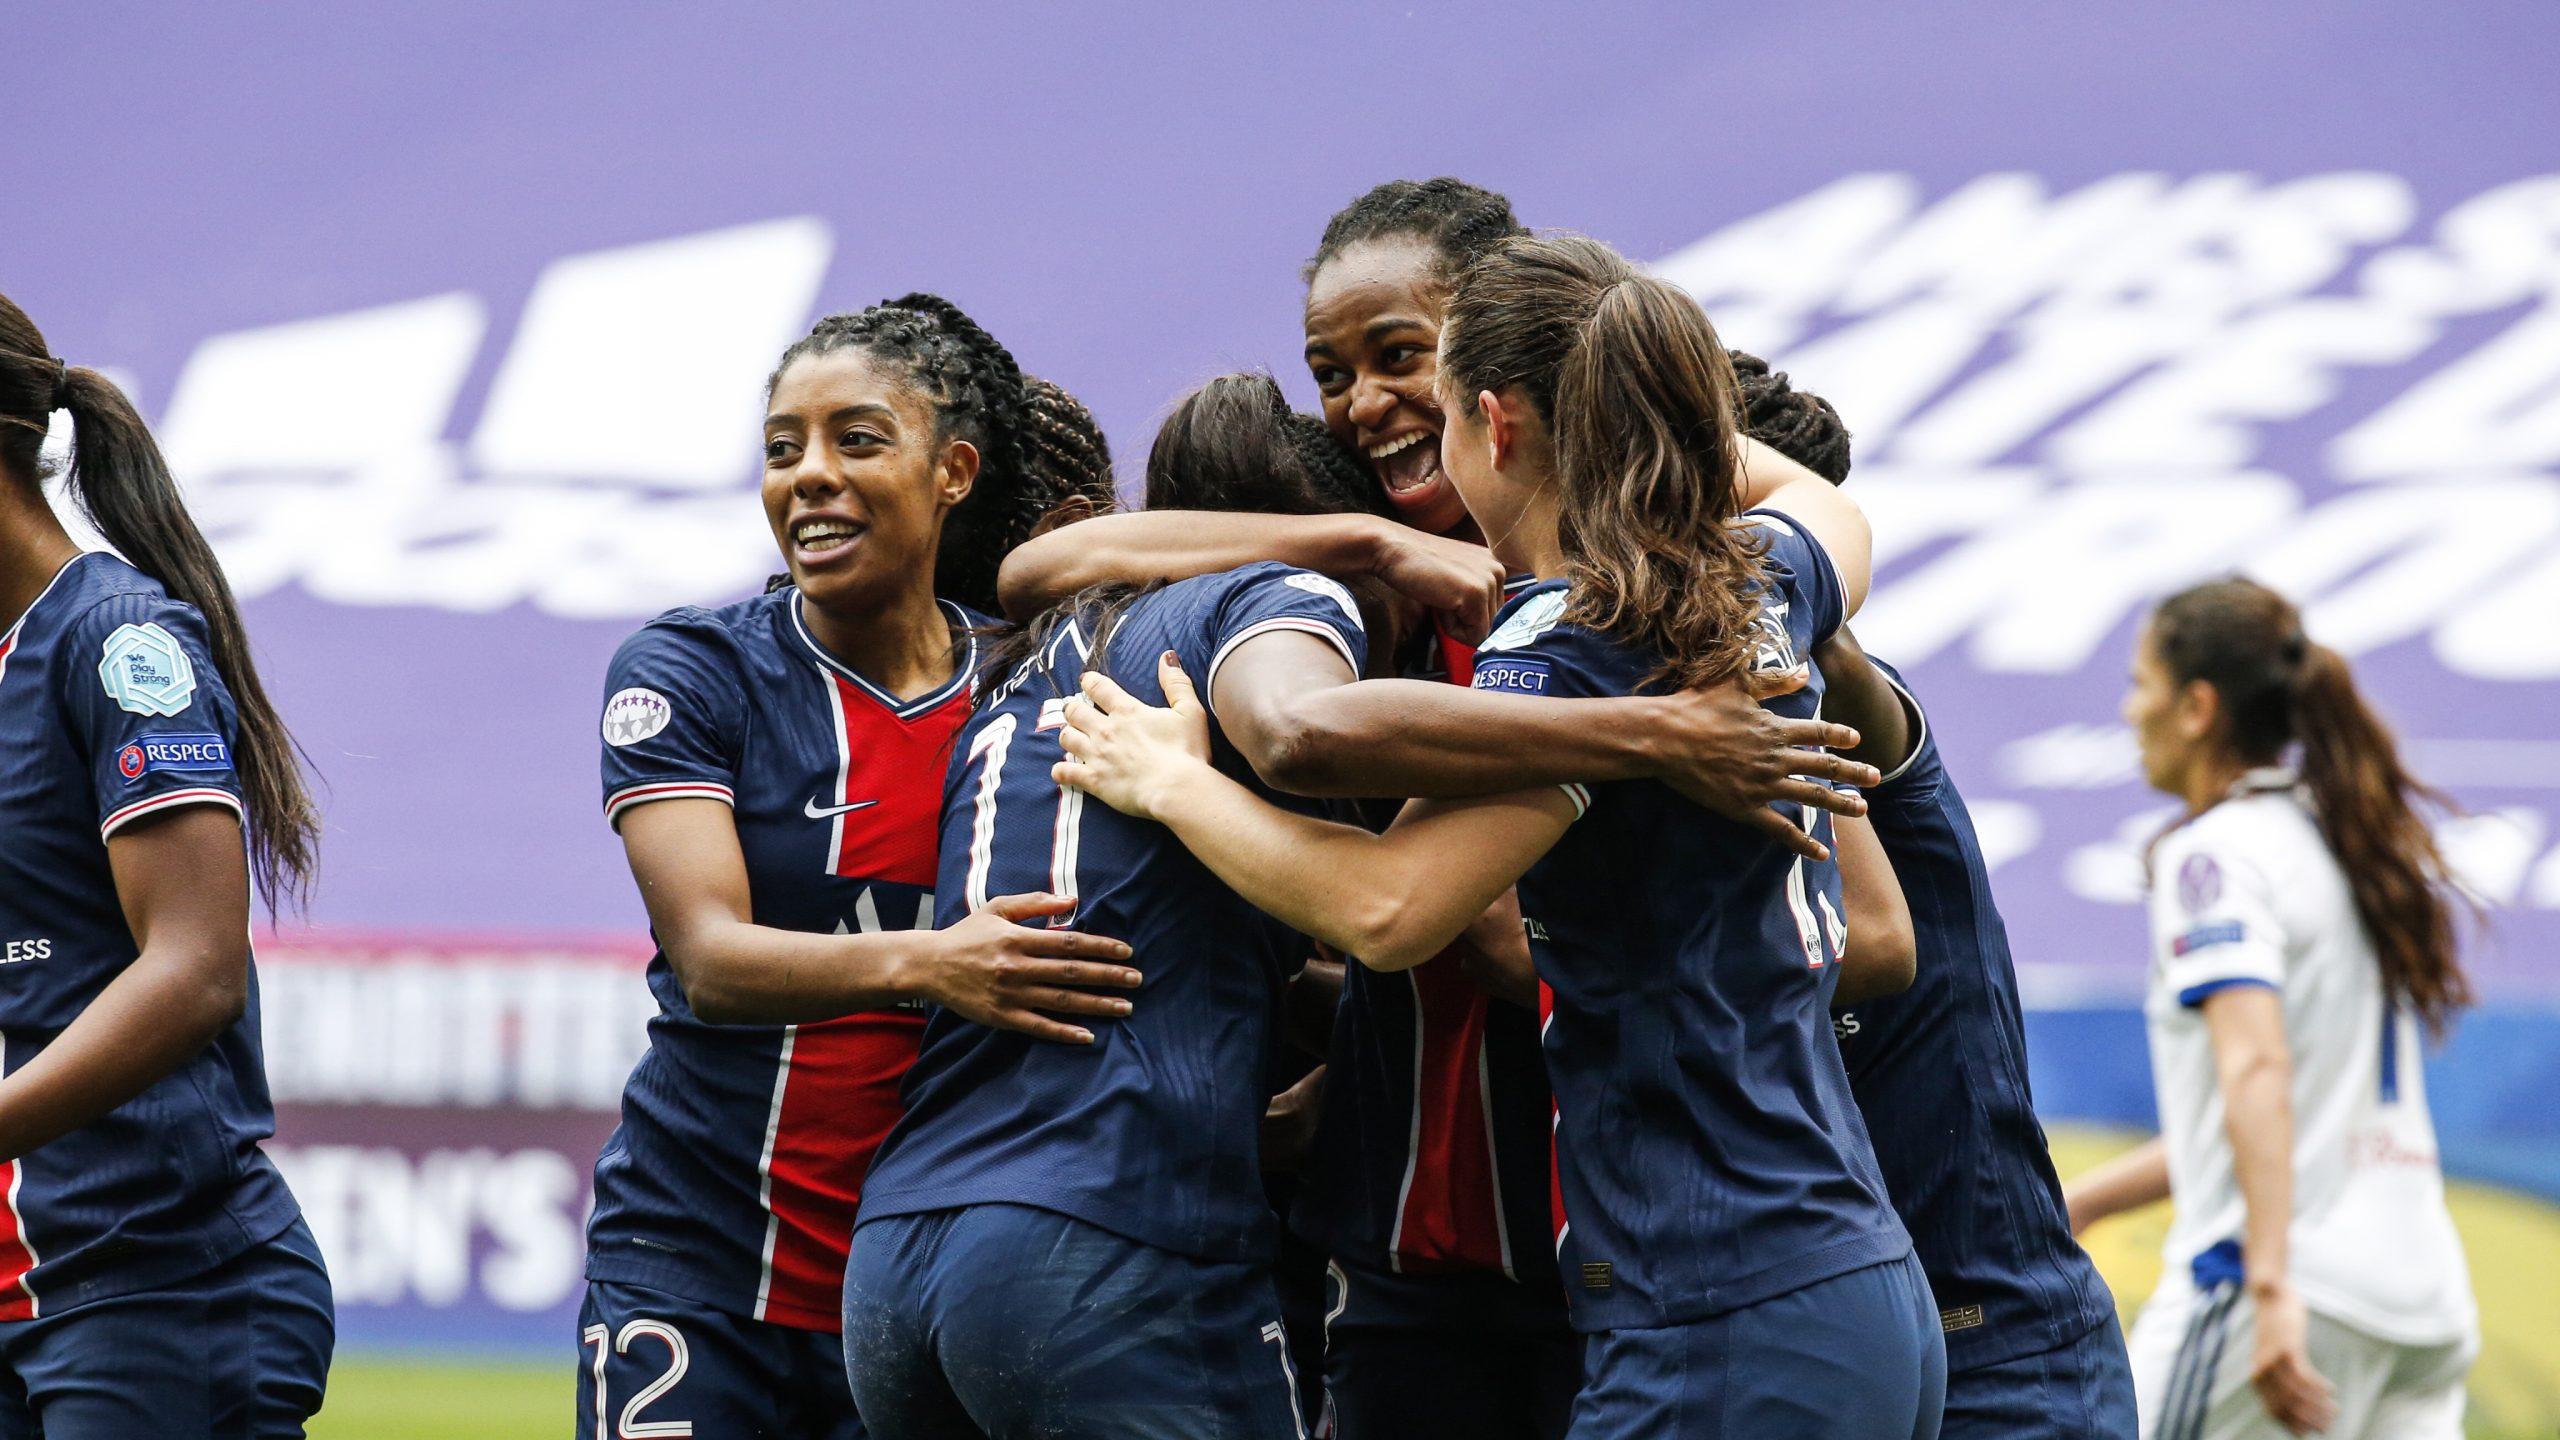 PSG supera Lyon e vai a semifinal da Champions League Feminina - Olimpia Sports